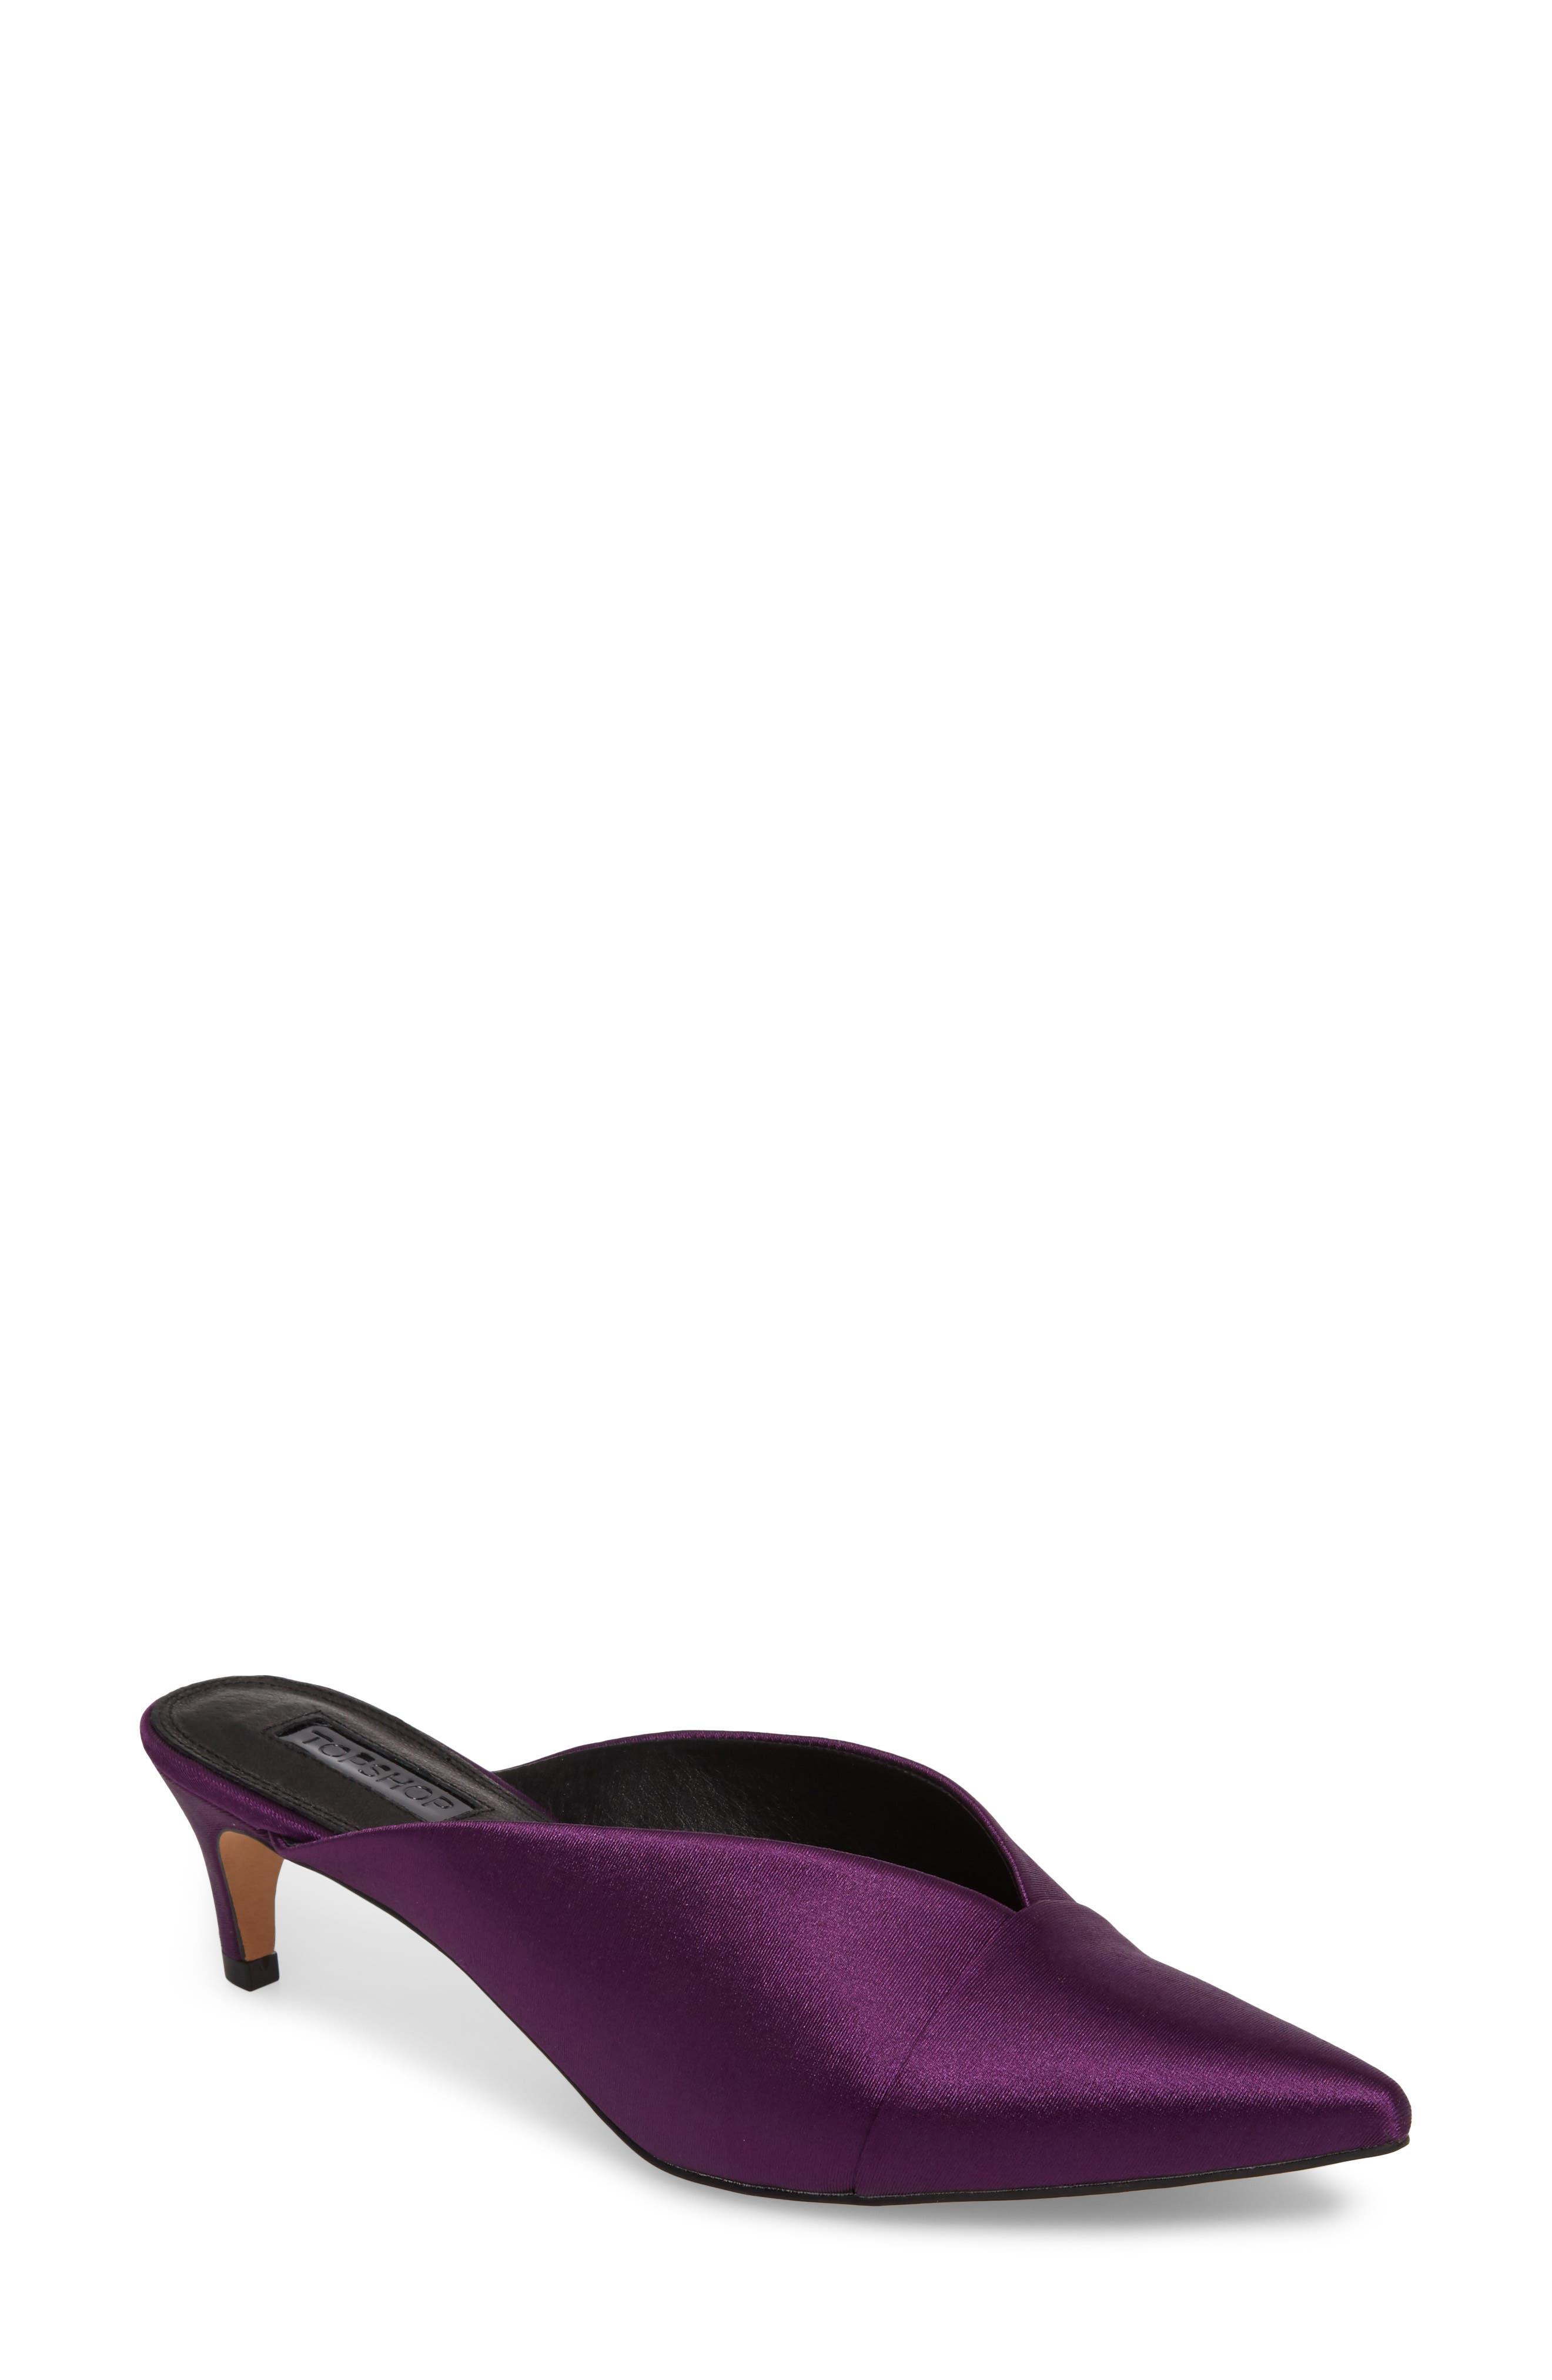 a3fda04f7fa Topshop Women s Shoes